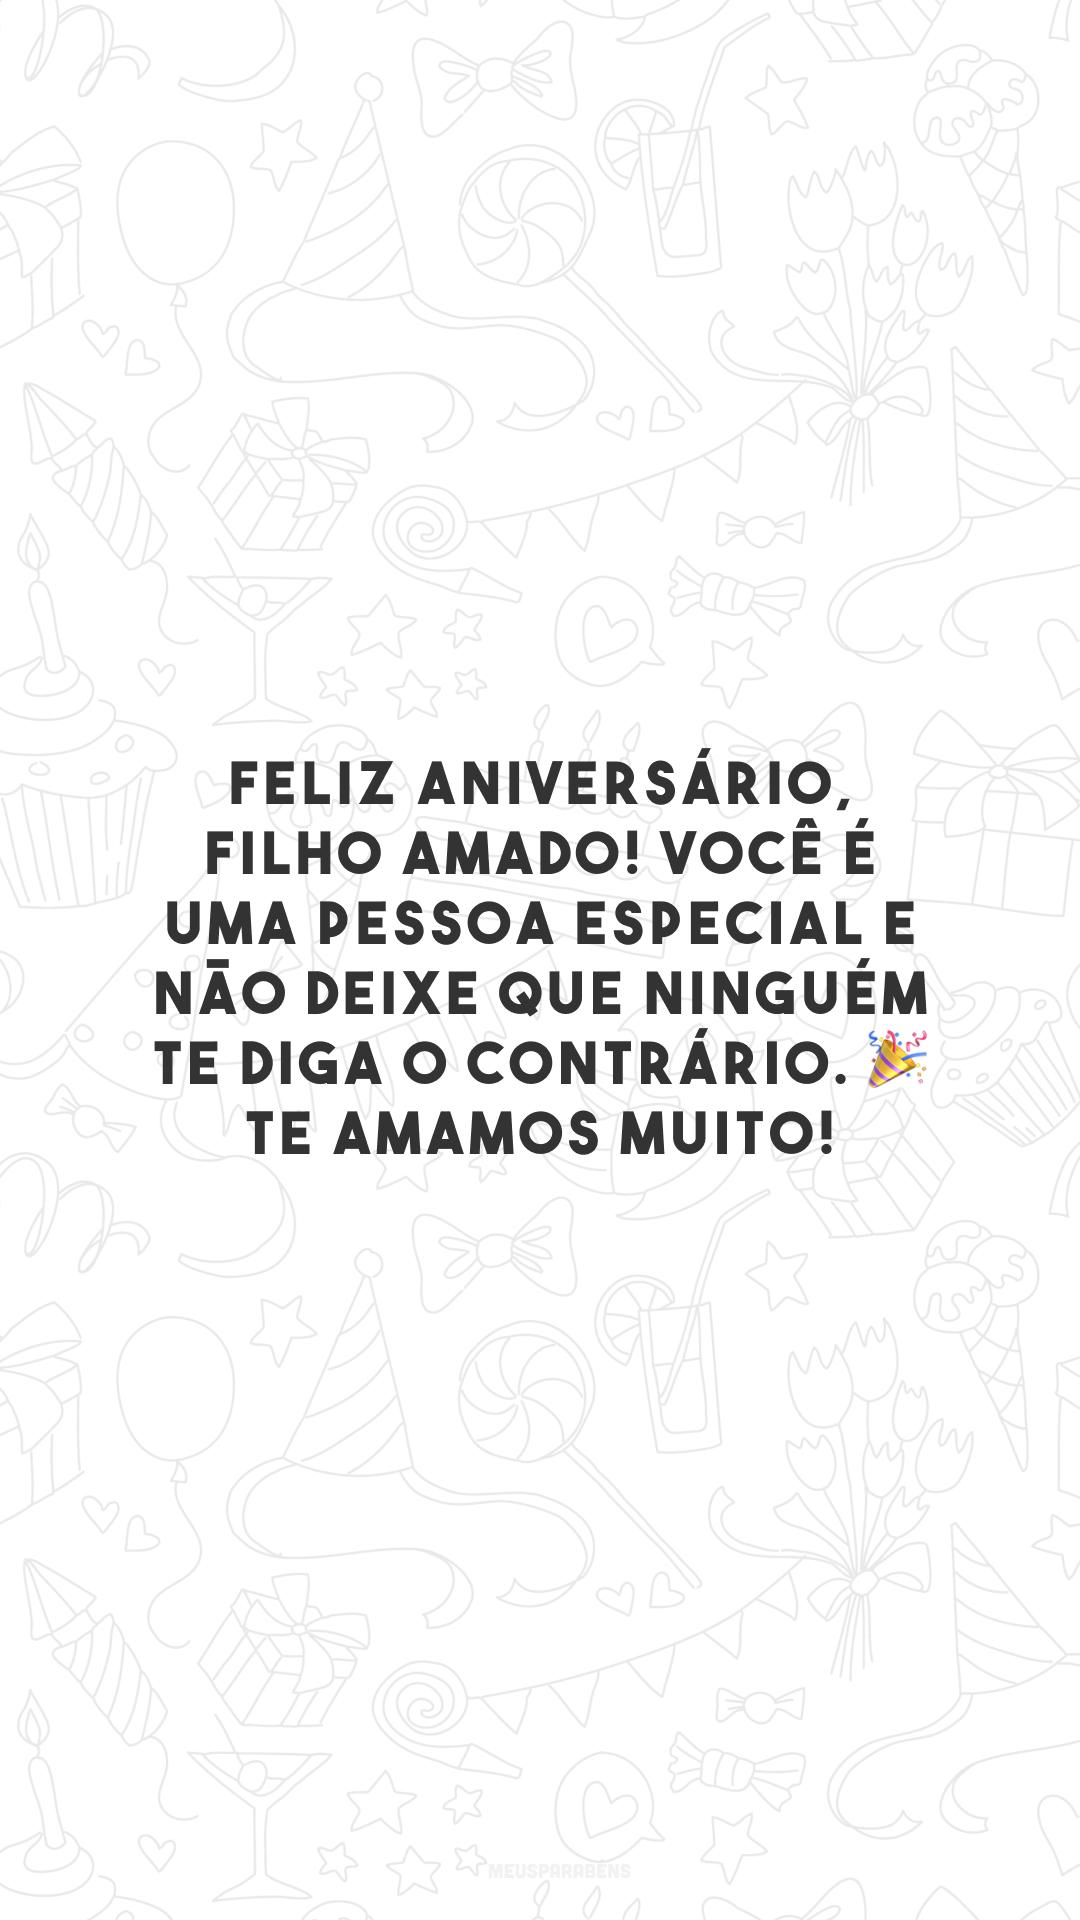 Feliz aniversário, filho amado! Você é uma pessoa especial e não deixe que ninguém te diga o contrário. Te amamos muito! 🎉